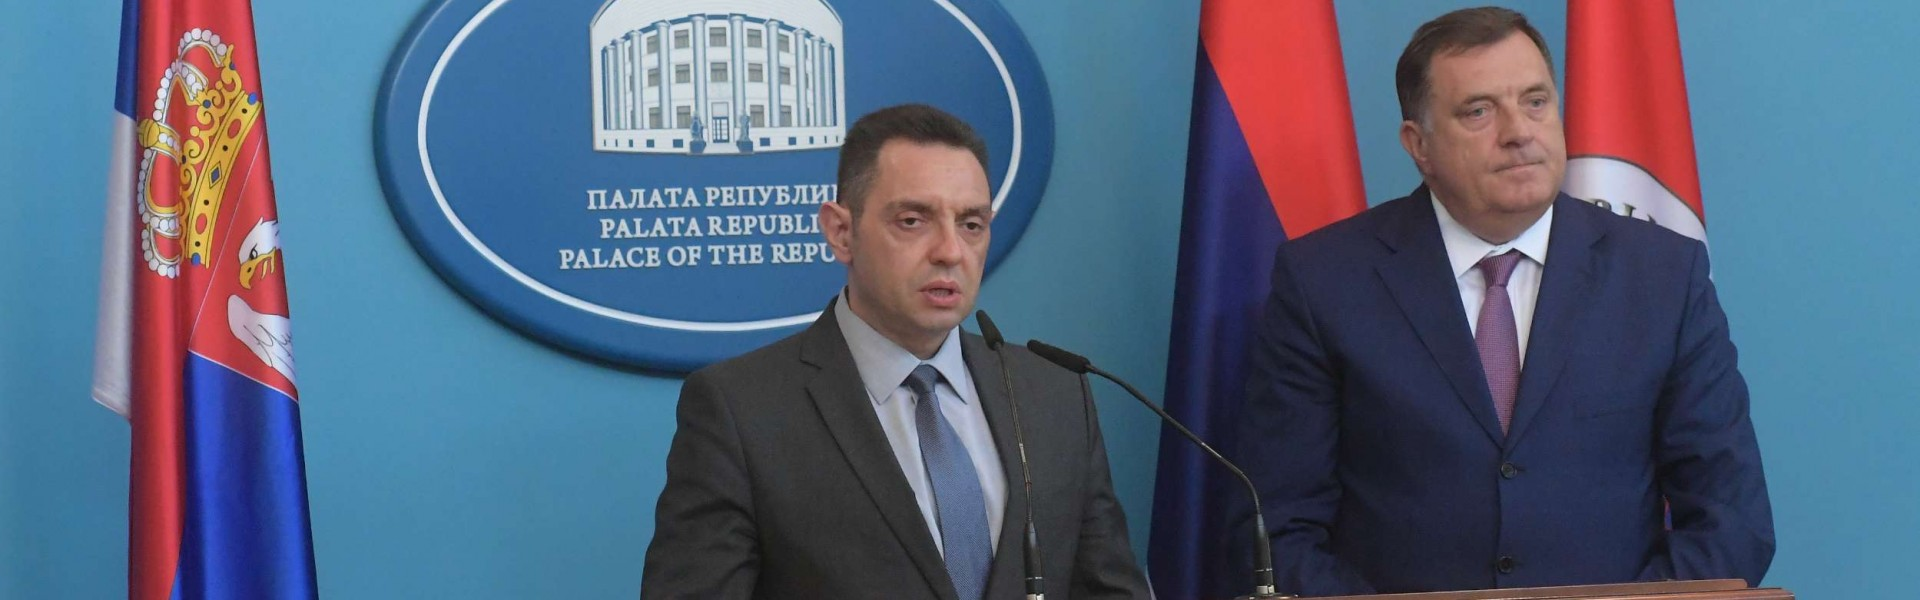 Будућност наменске индустрије Републике Српске је веома извесна